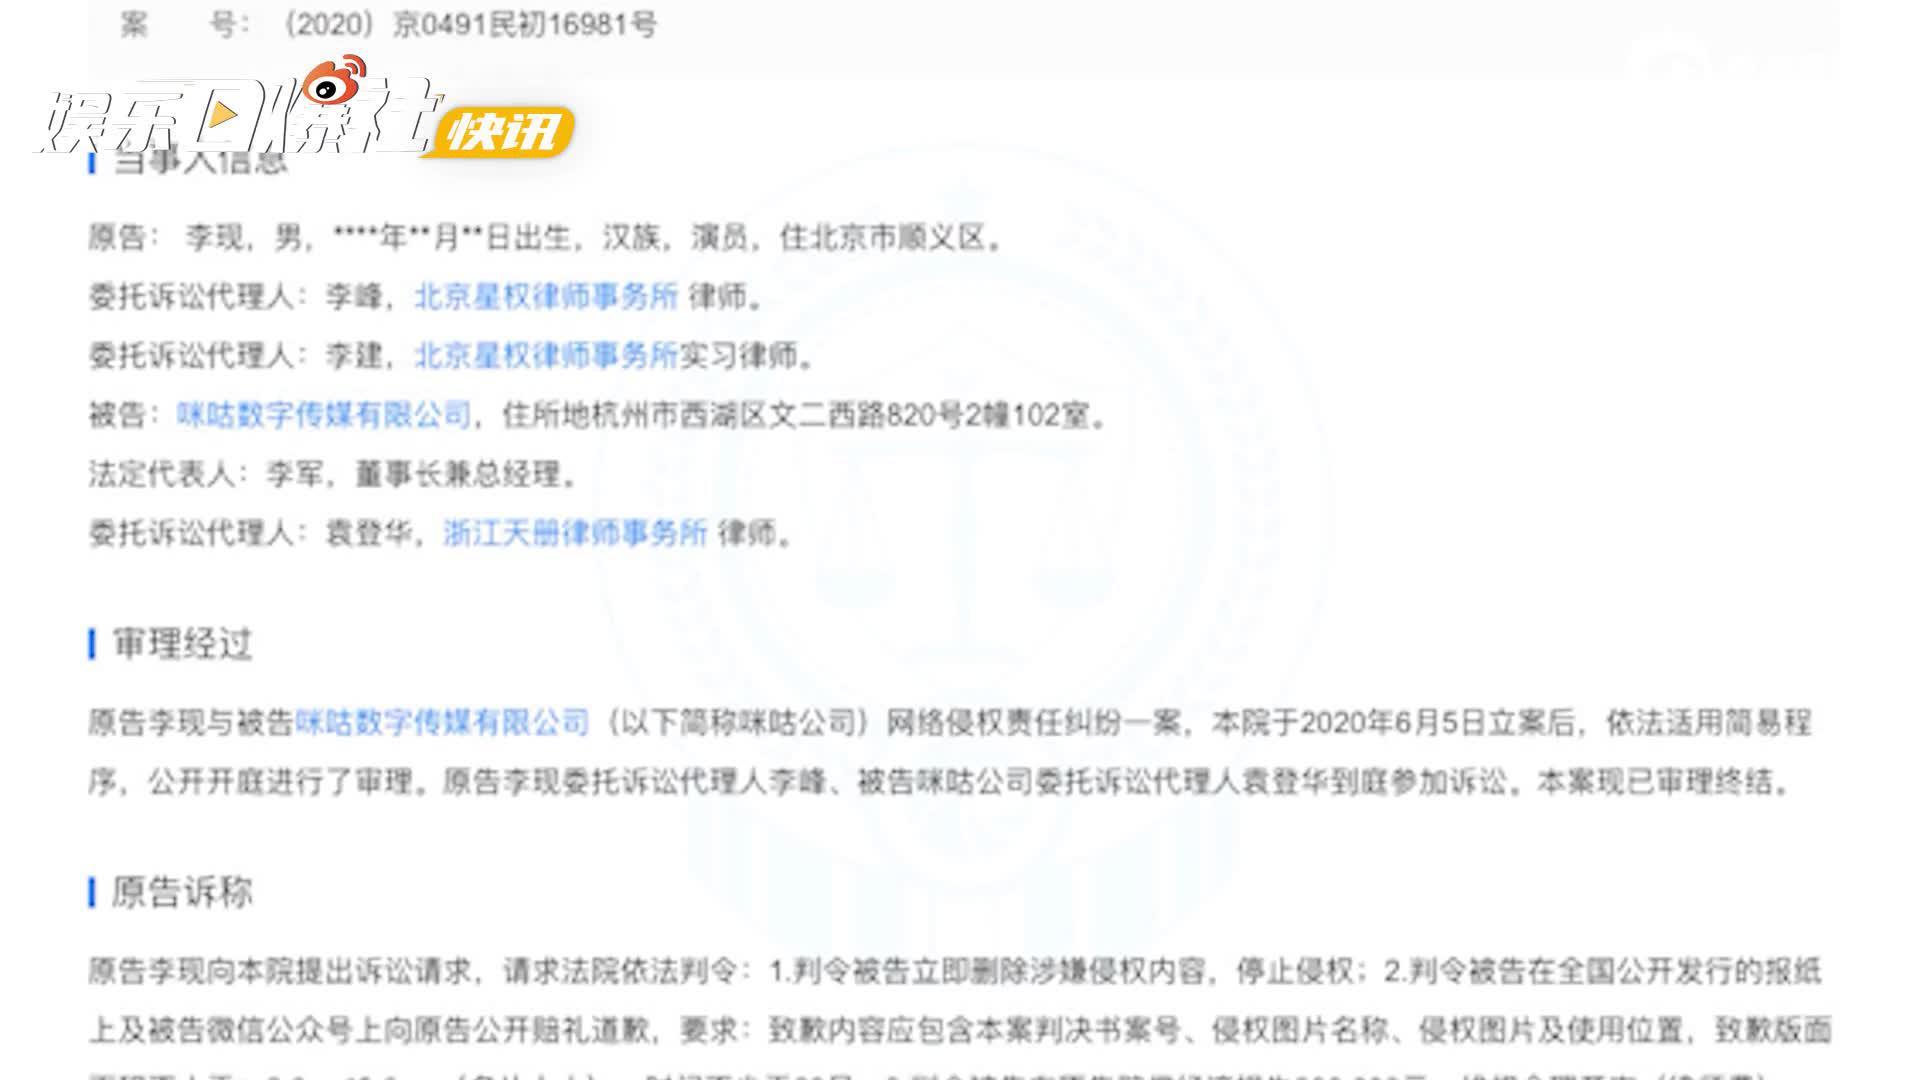 视频:李现状告咪咕阅读侵犯肖像权 法院判被告赔偿1万